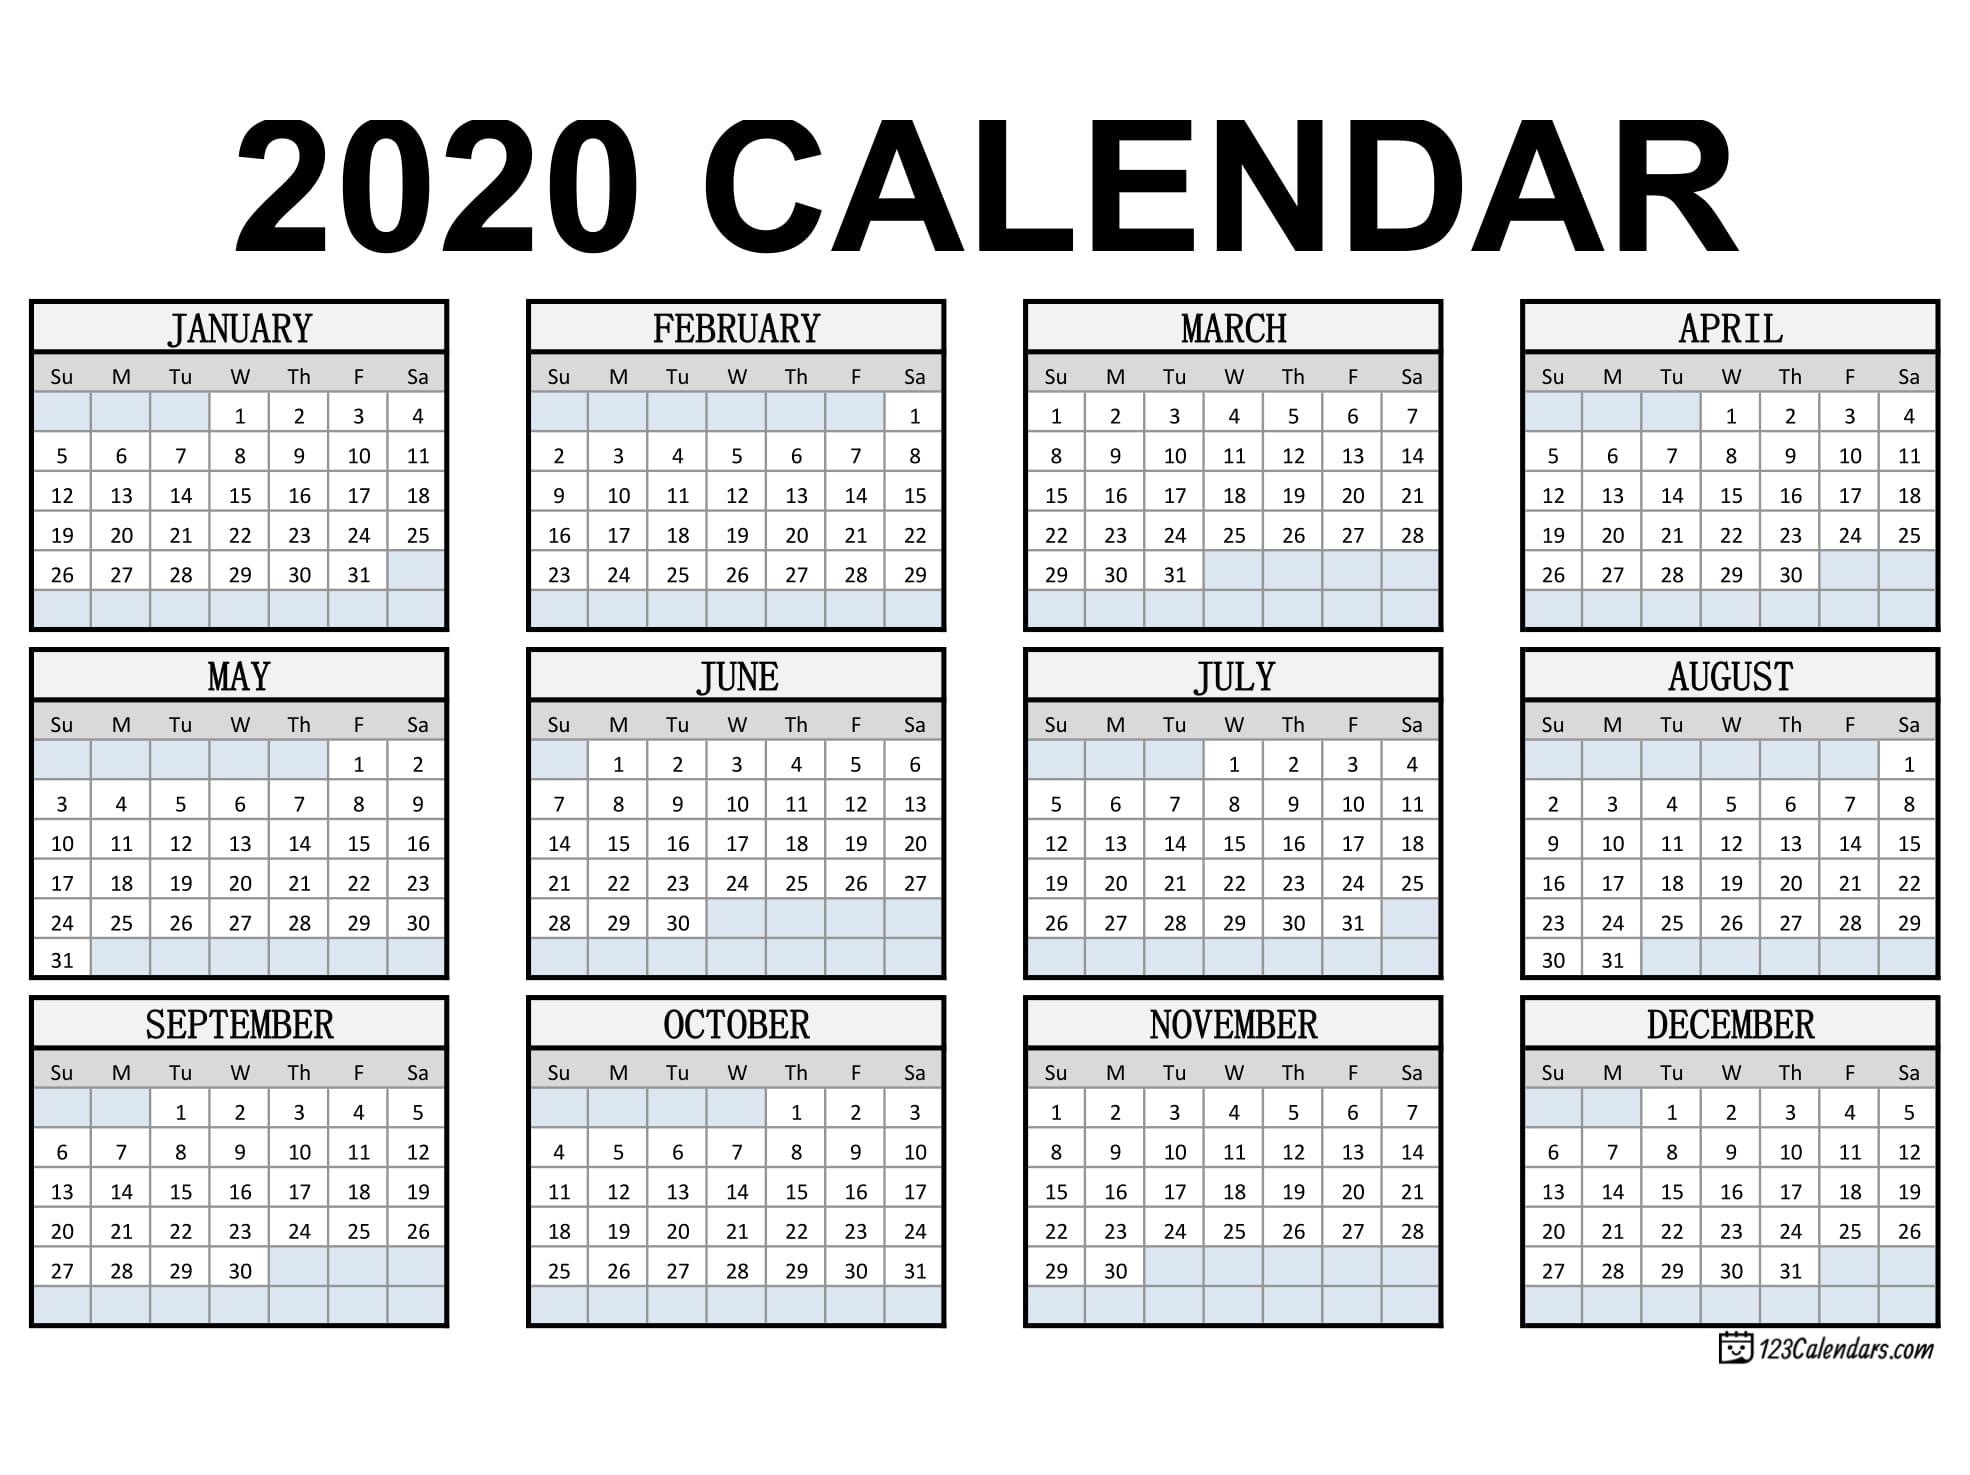 Free Printable 2020 Calendar 123calendars Com